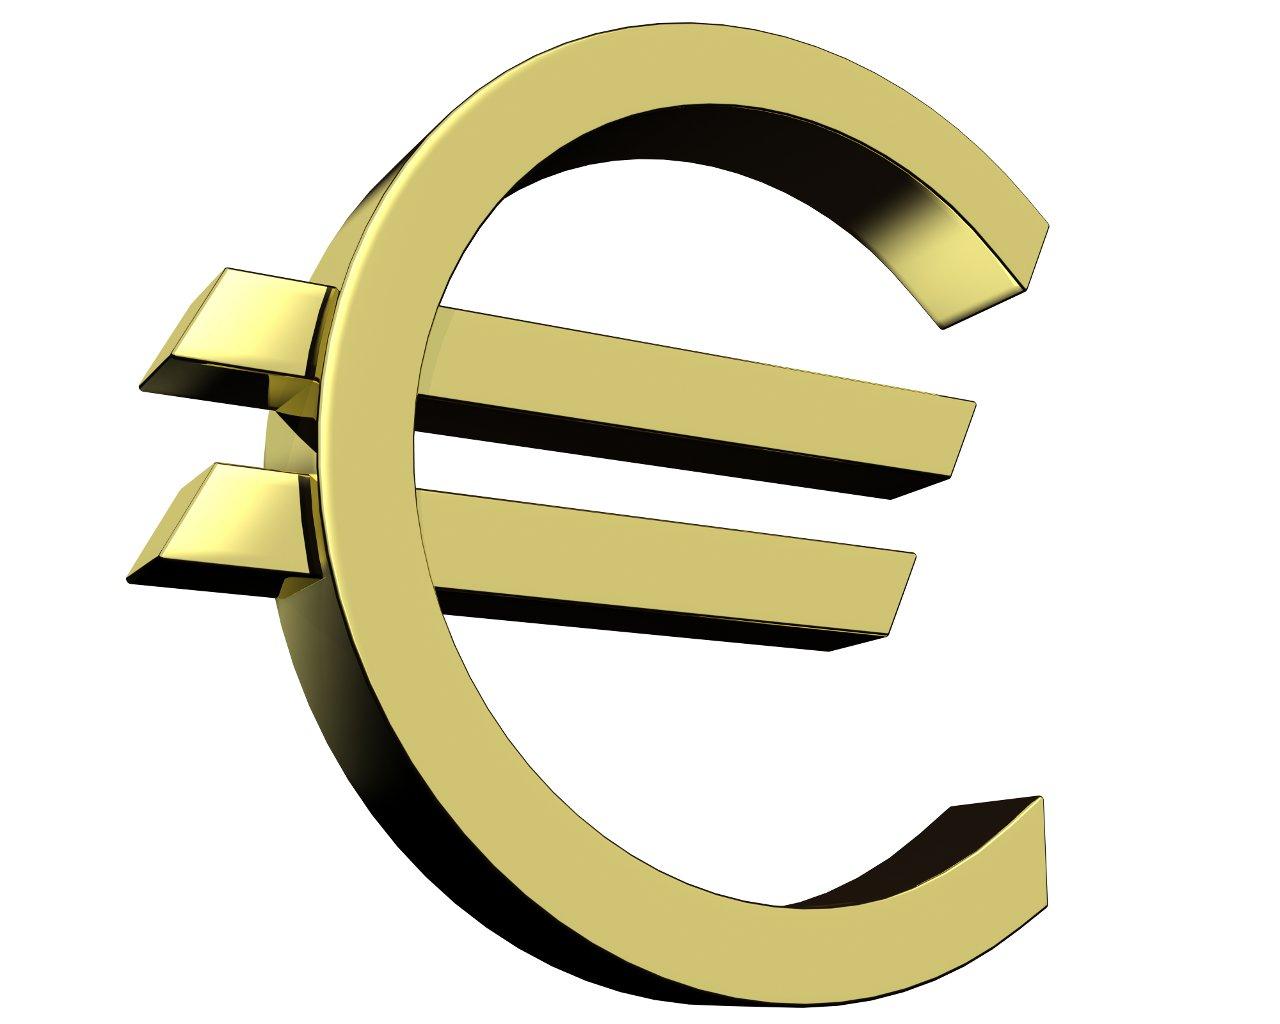 وزير المالية اليوناني: الاتفاقية كانت بمثابة حل وسط